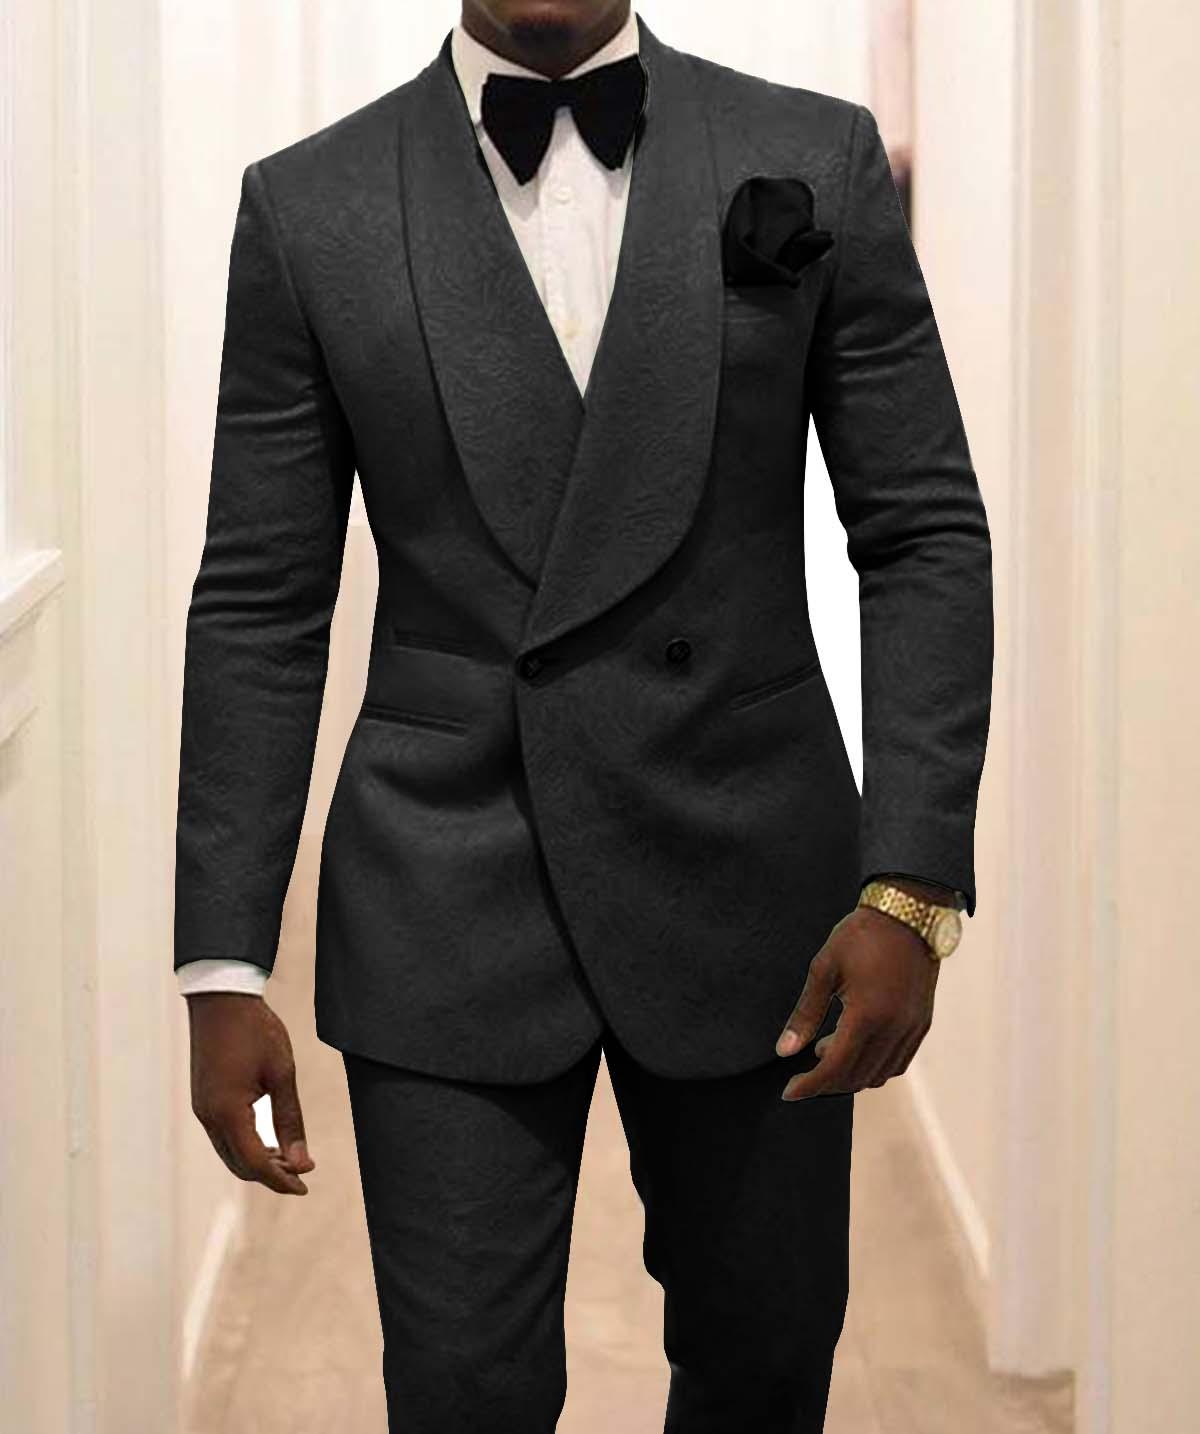 جديد وصول رفقاء الأسود نمط العريس البدلات الرسمية شال طية صدر السترة الرجال الدعاوى 2 قطعة الزفاف العريس (سترة + سروال + التعادل) C926